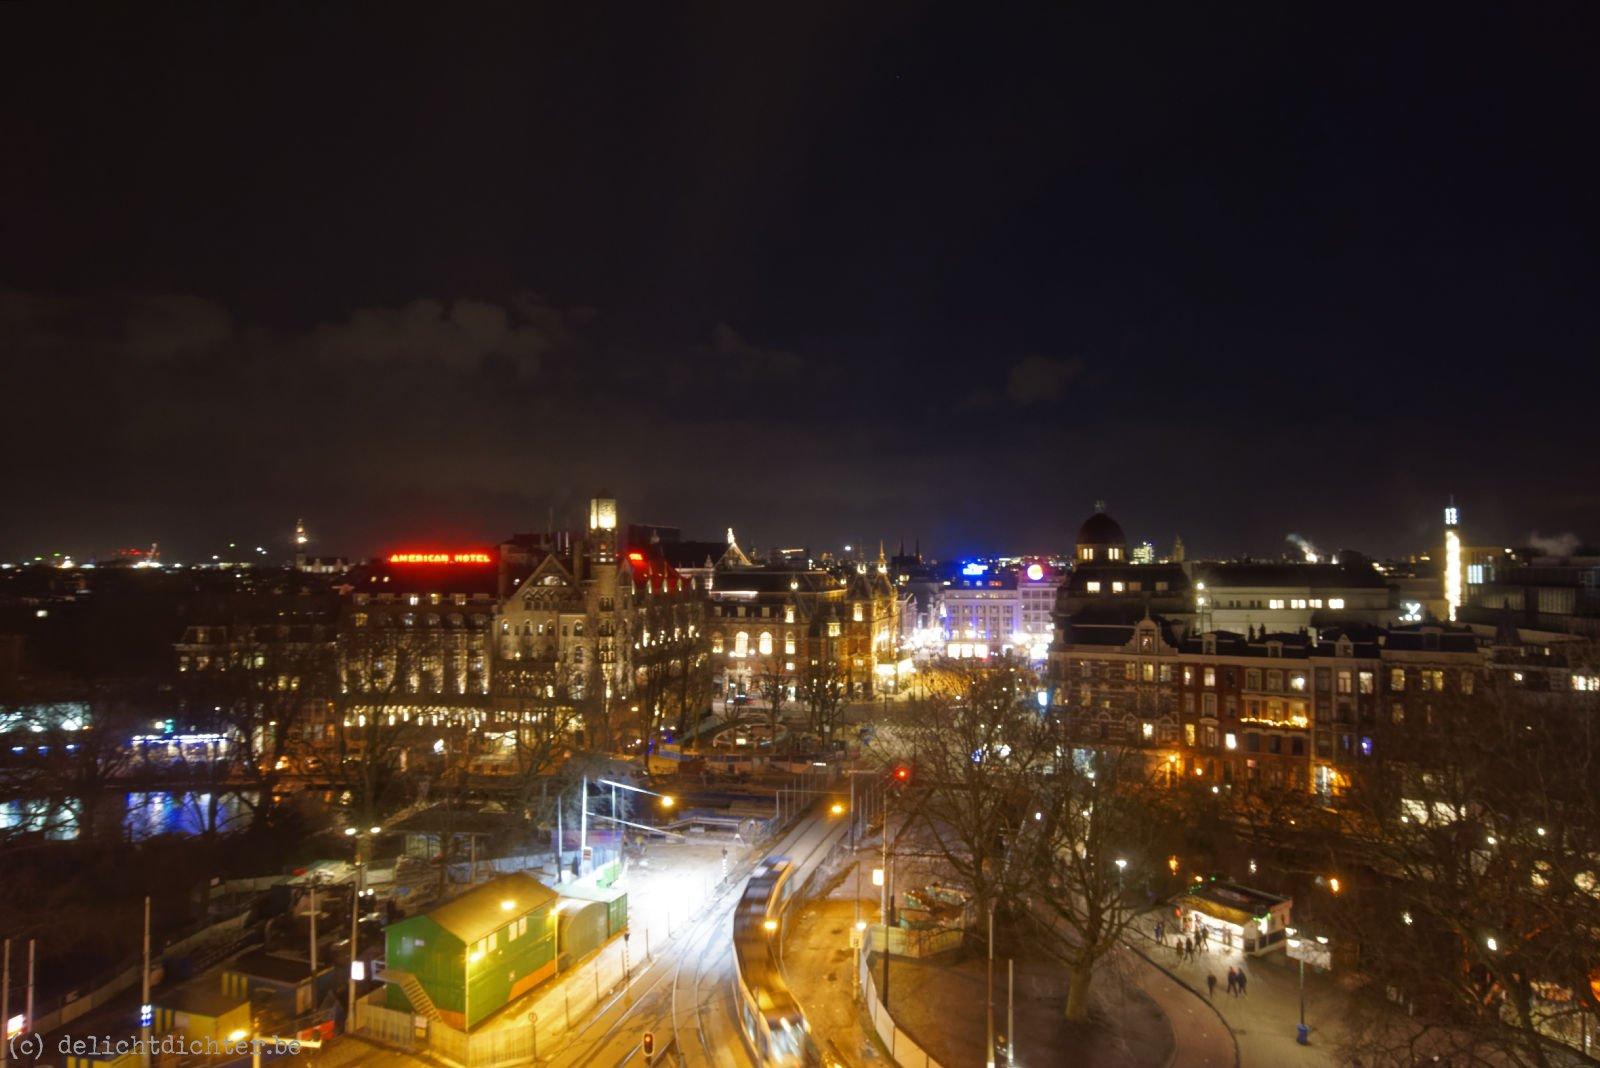 2017_03_Amsterdam_20170302_200705_DxO_v11_1600px